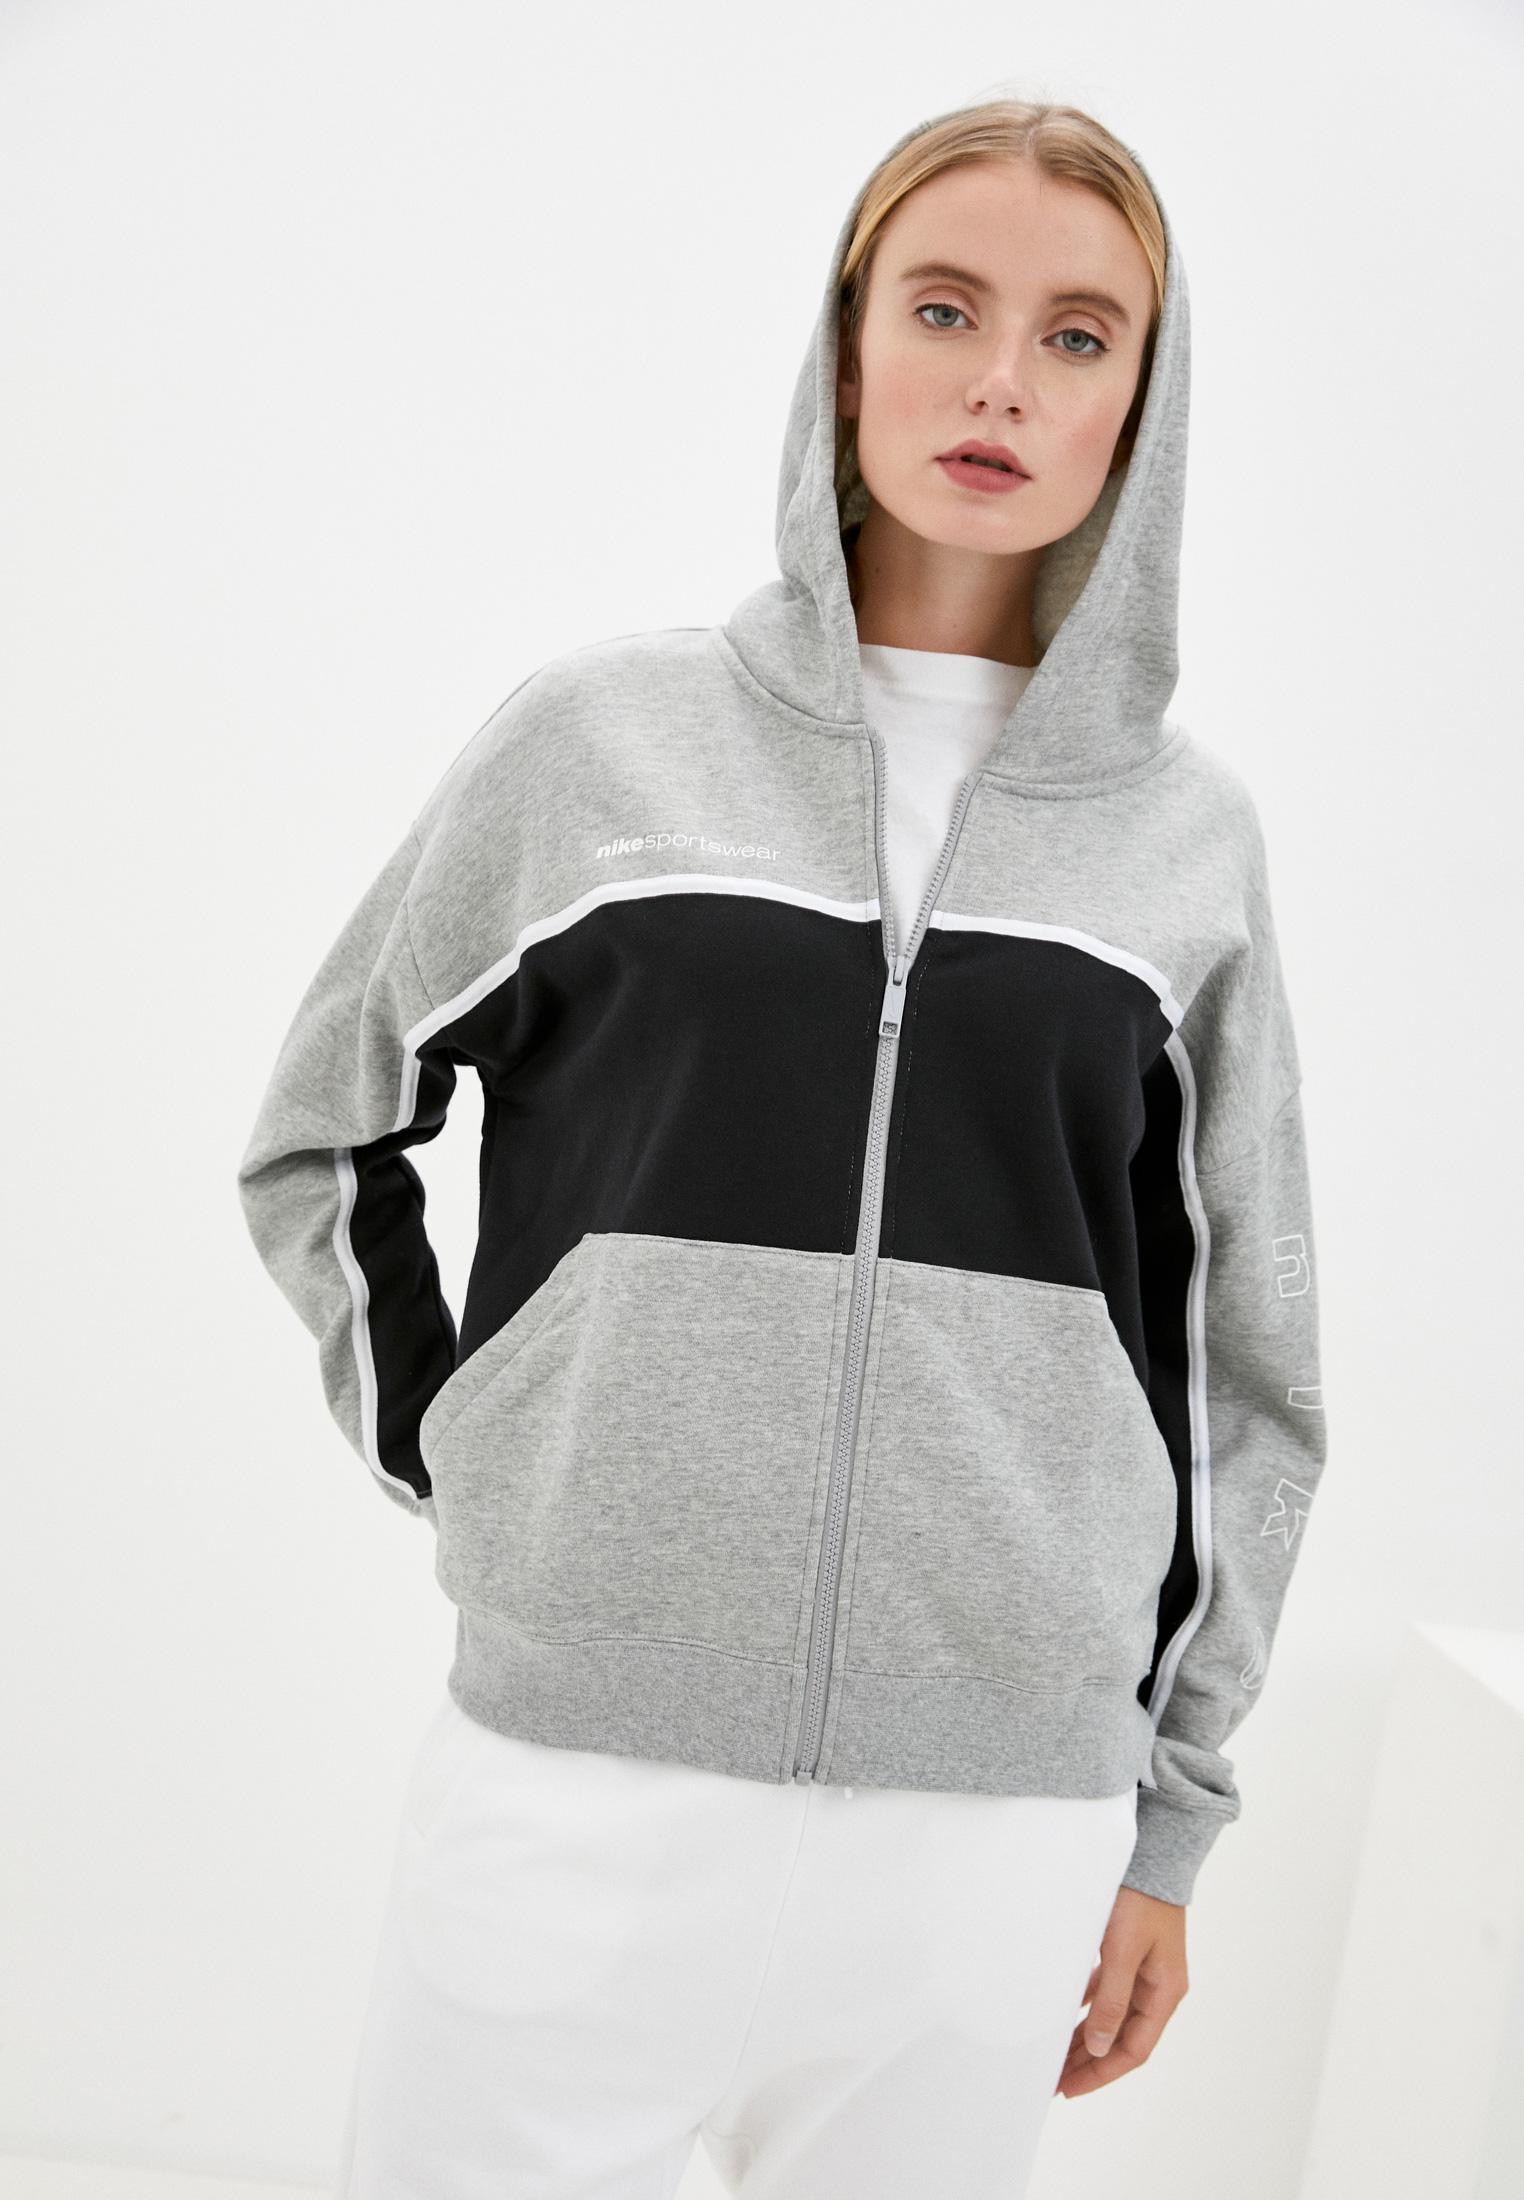 Толстовка Nike W NSW FZ FT ARCHIVE RMX за 4 096 ₽. в интернет-магазине Lamoda.ru